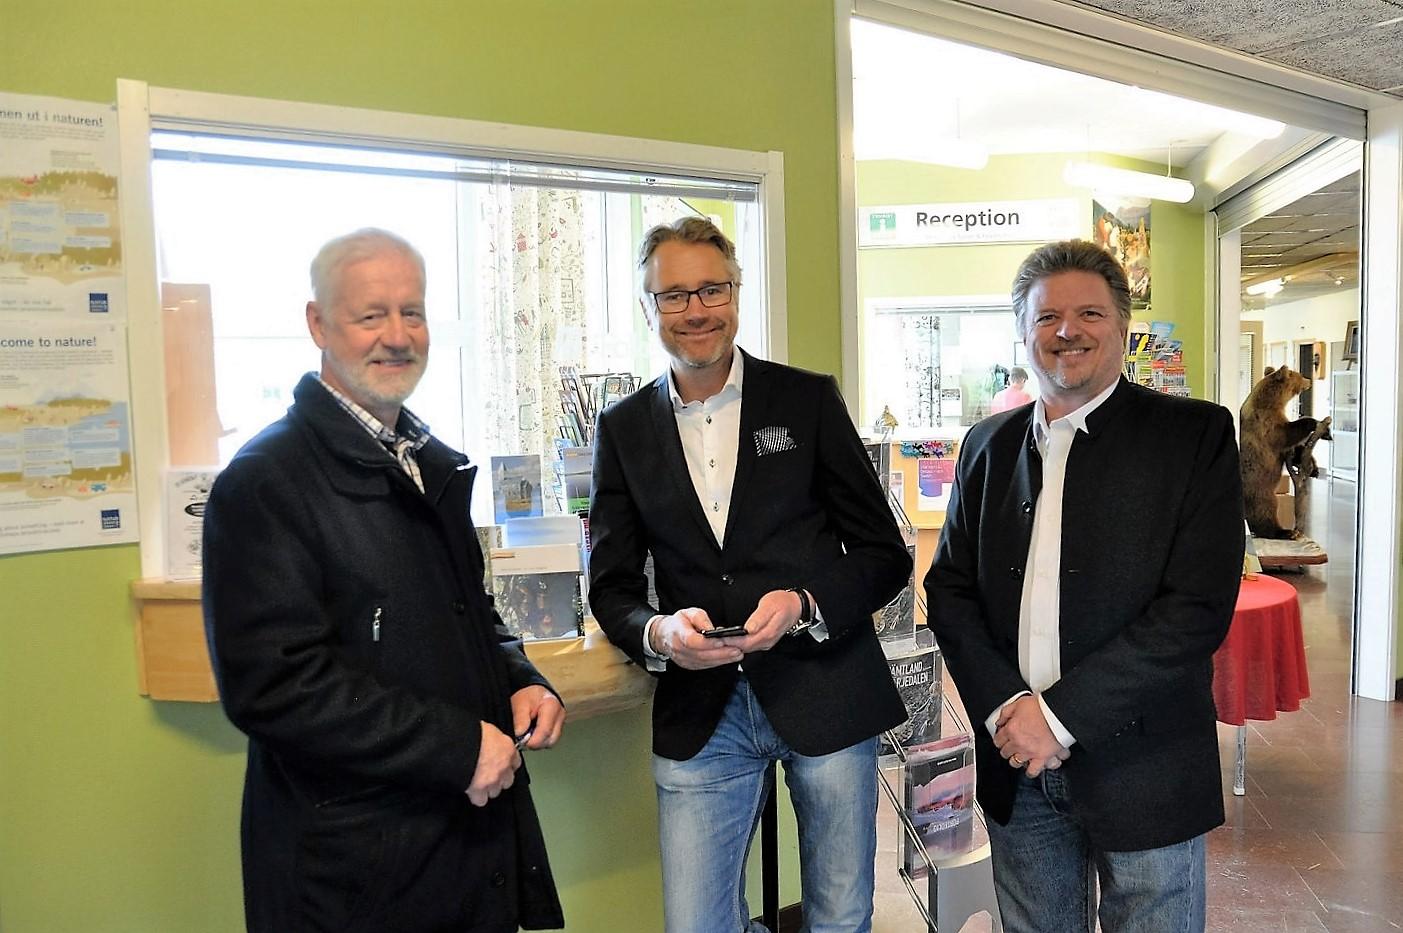 Foto: Cathrine Blixt. Fr v Jörgen Olofsson, Anders Pålsson ordförande Företagarna och Torbjörn Eriksson.